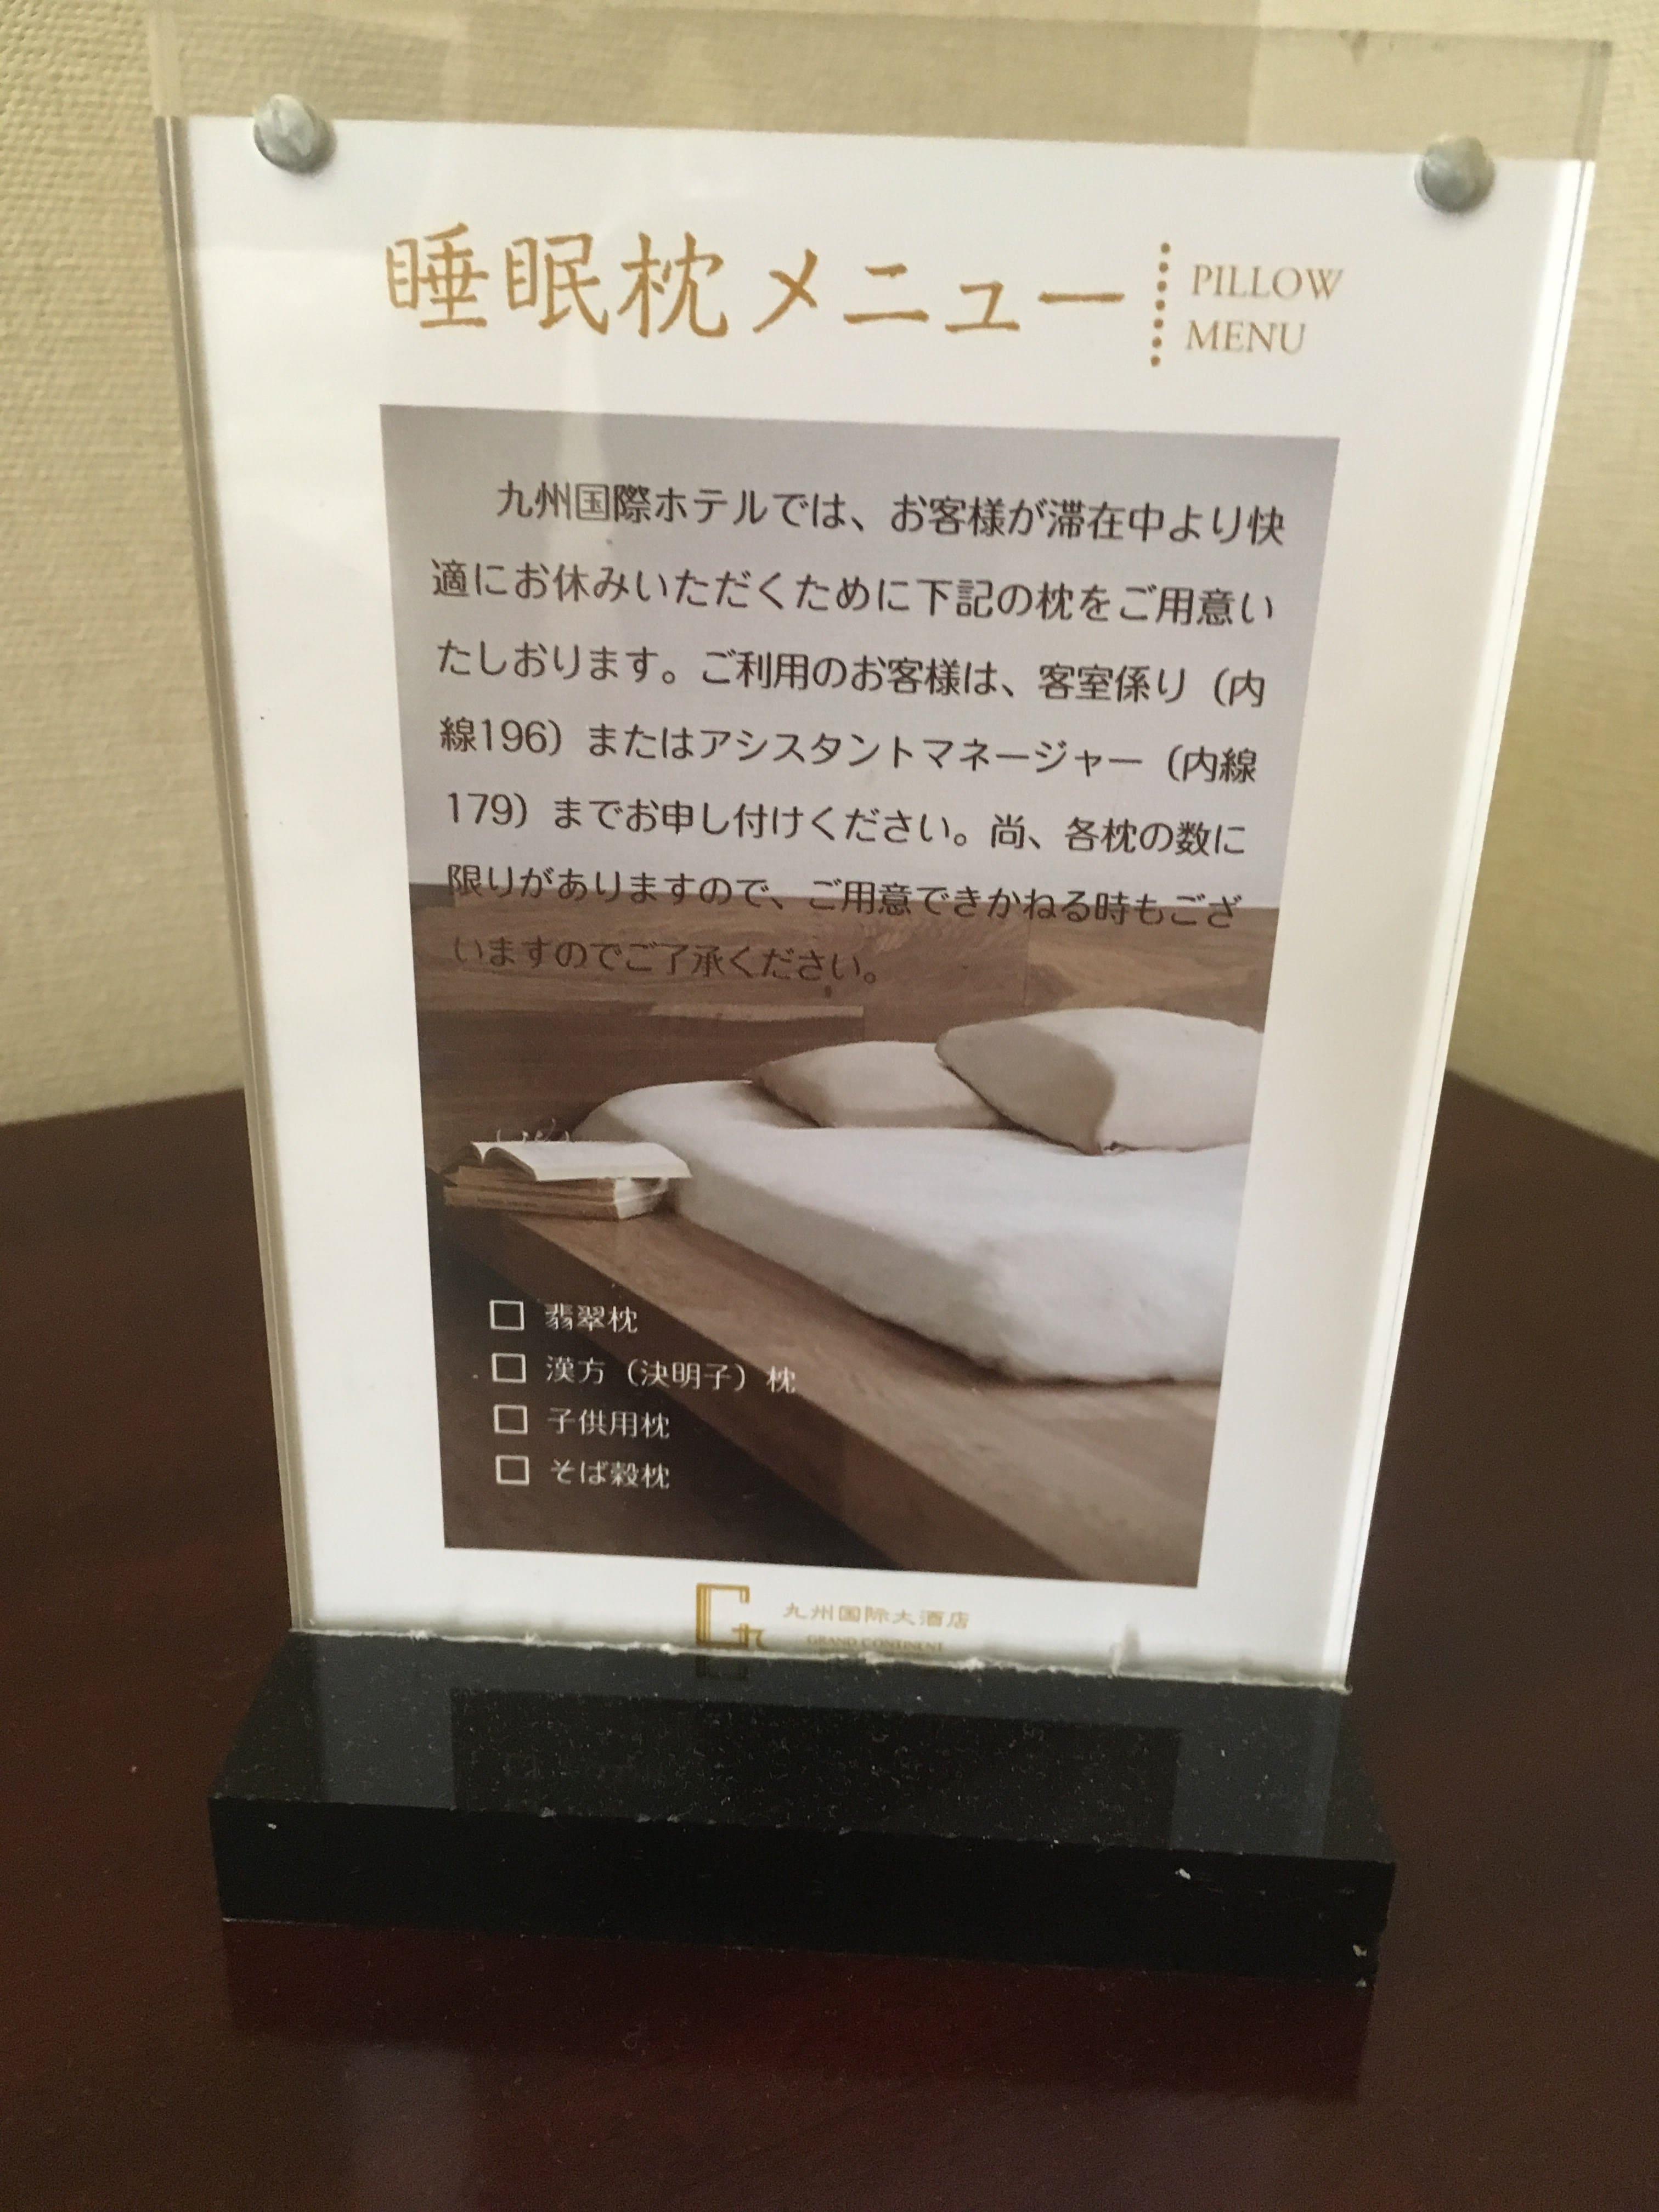 ケルンホテル大連(大連凱倫飯店)